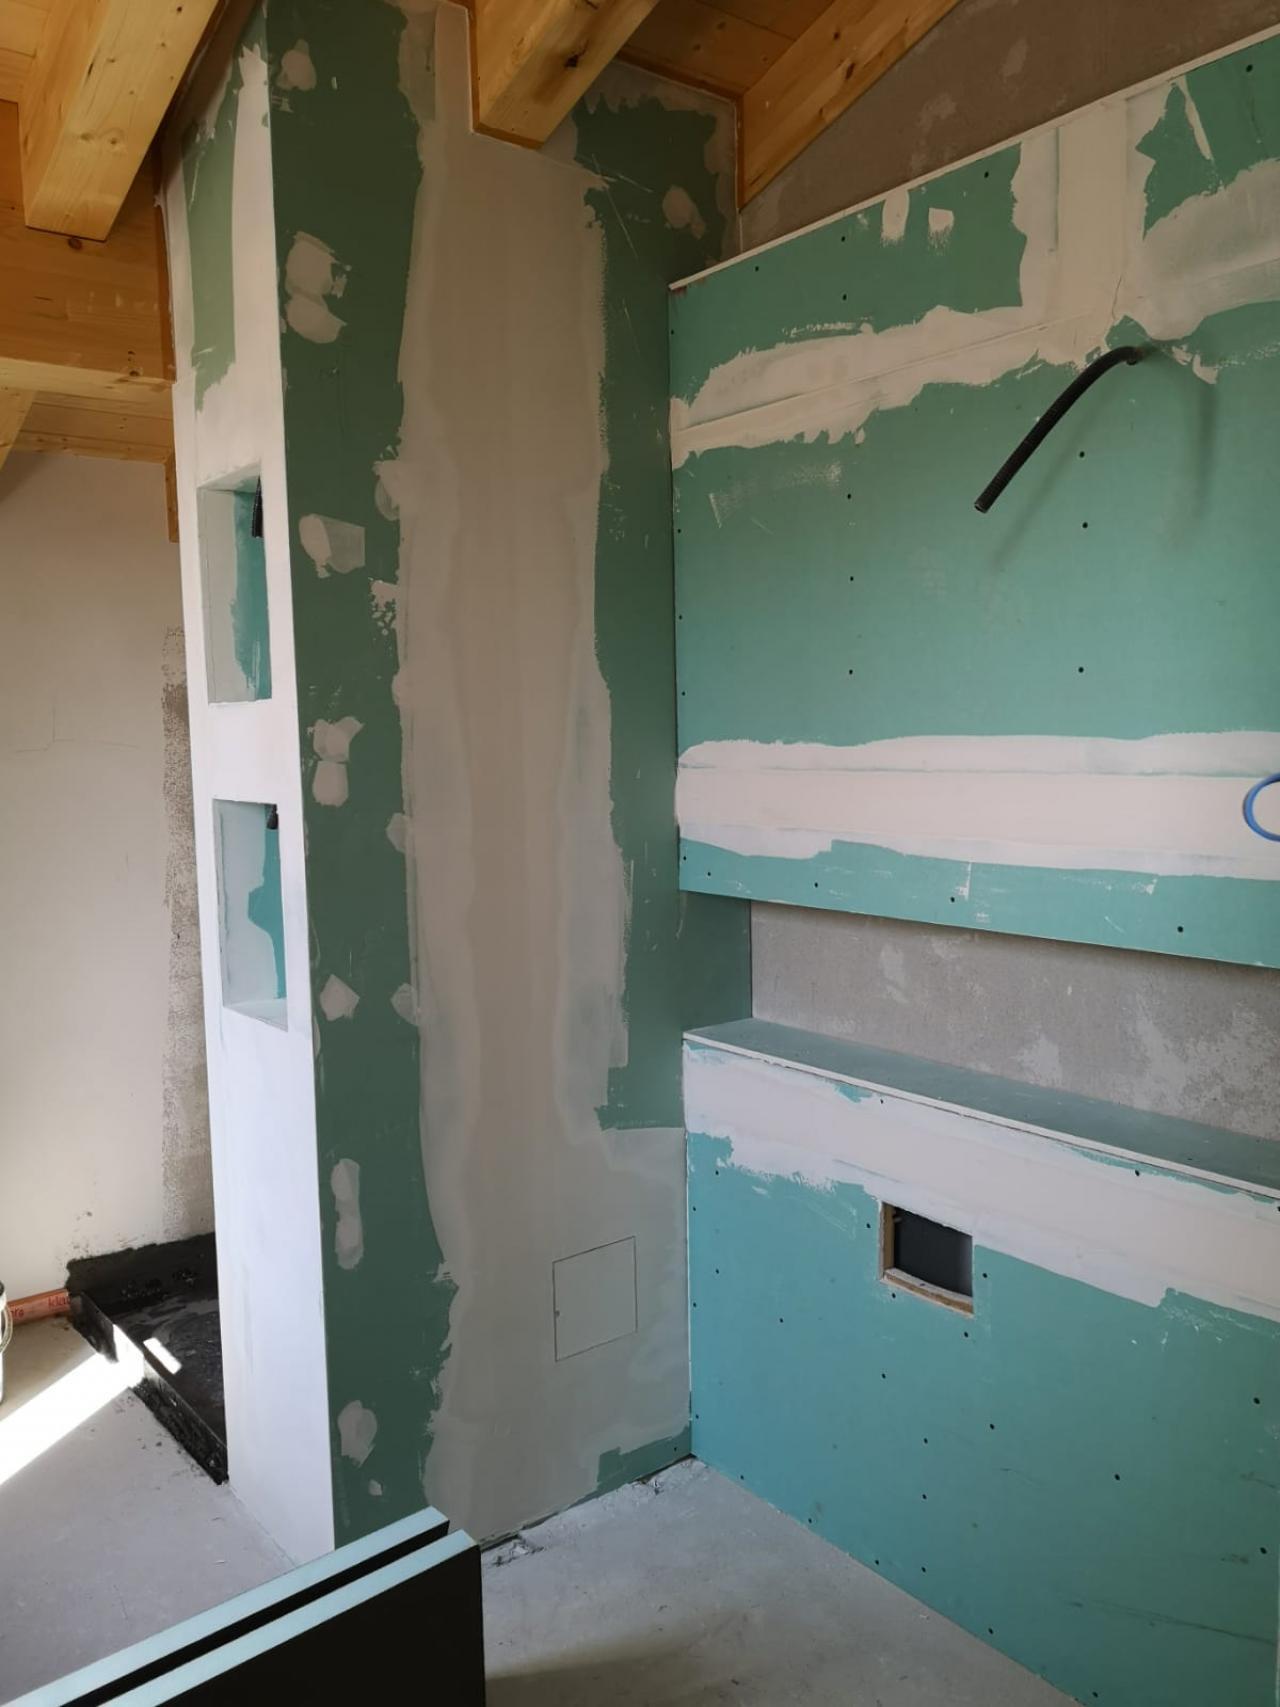 Idee Per Nicchie Nel Muro nicchie in bagno: idee e foto | fratelli pellizzari, vicenza